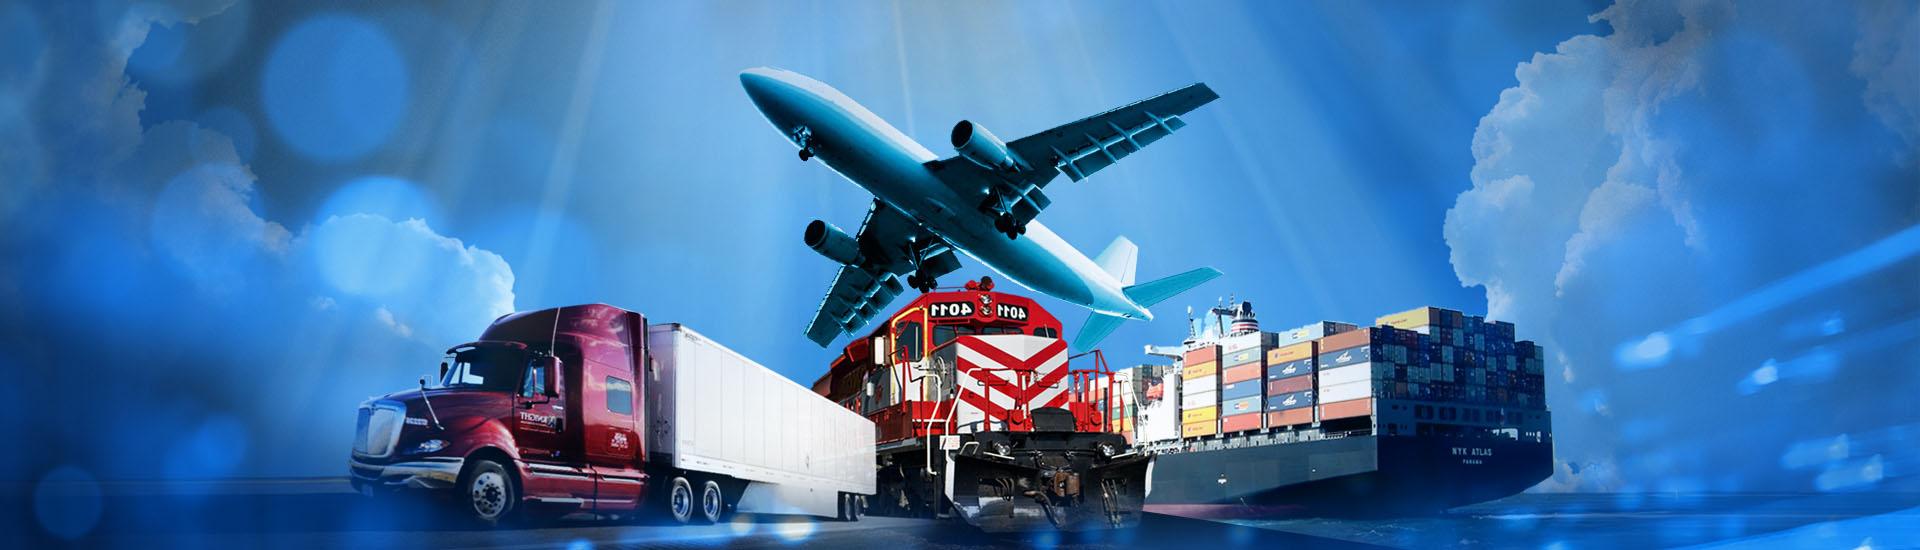 logistika-kontejnernyh-perevozok.jpg